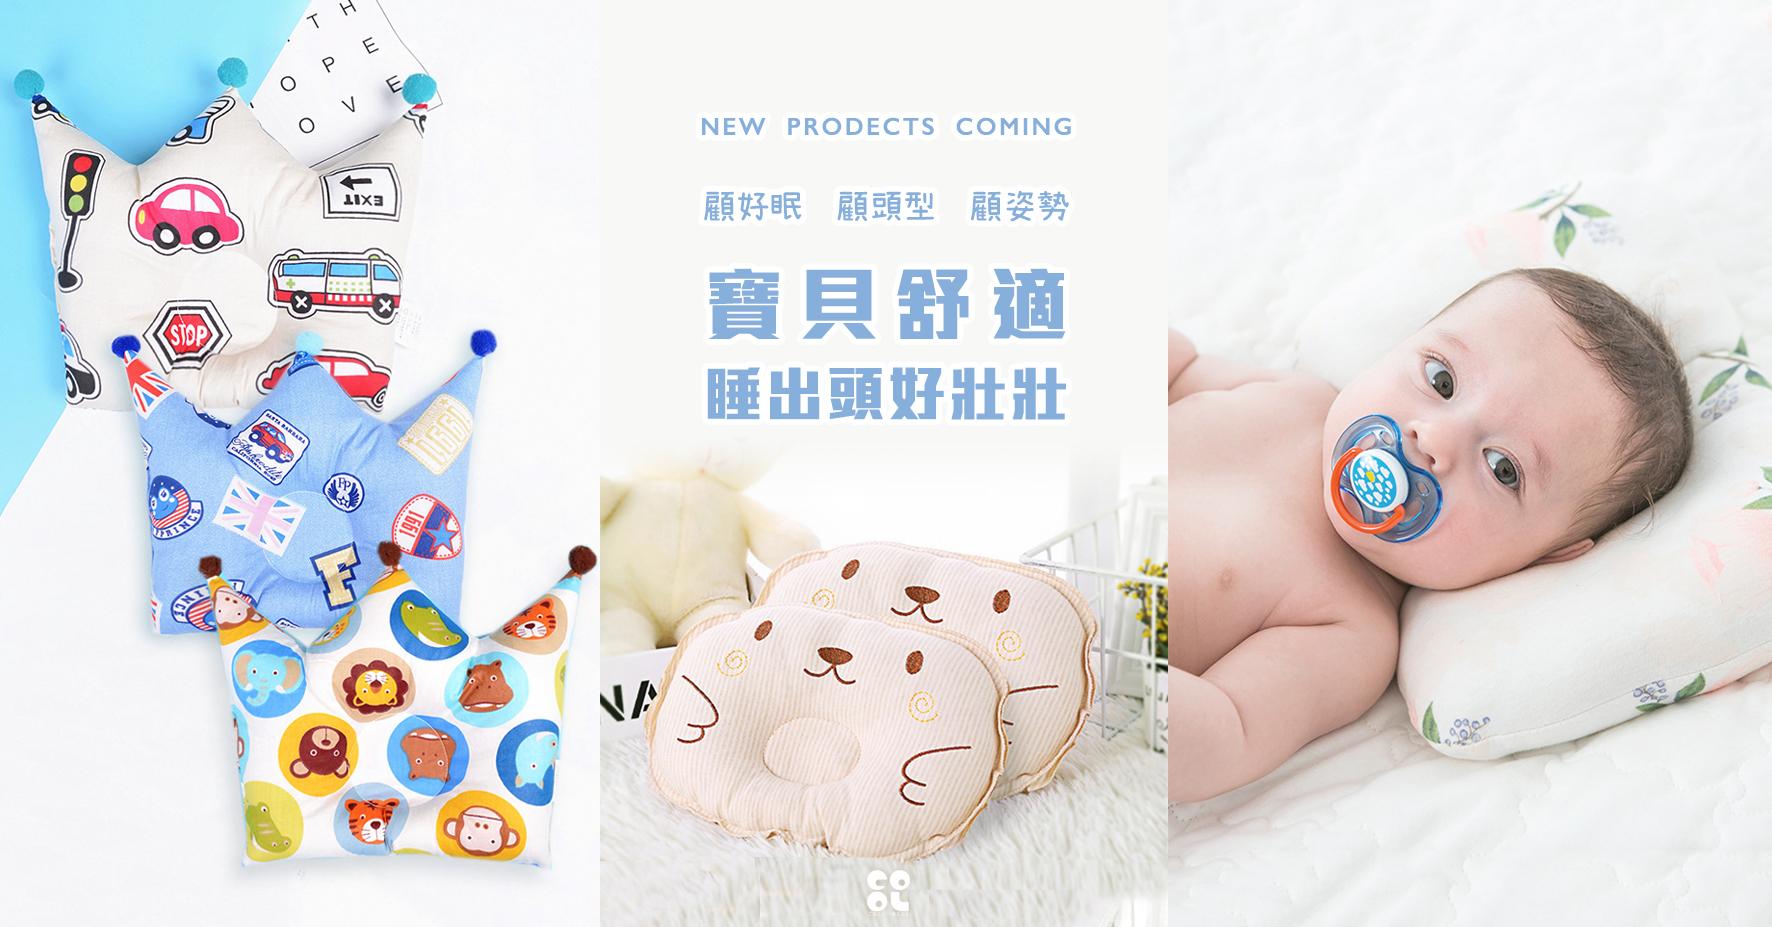 童裝,寶寶,幼童,新生兒,顧頭型,助睡眠,頭型枕,可愛,多款